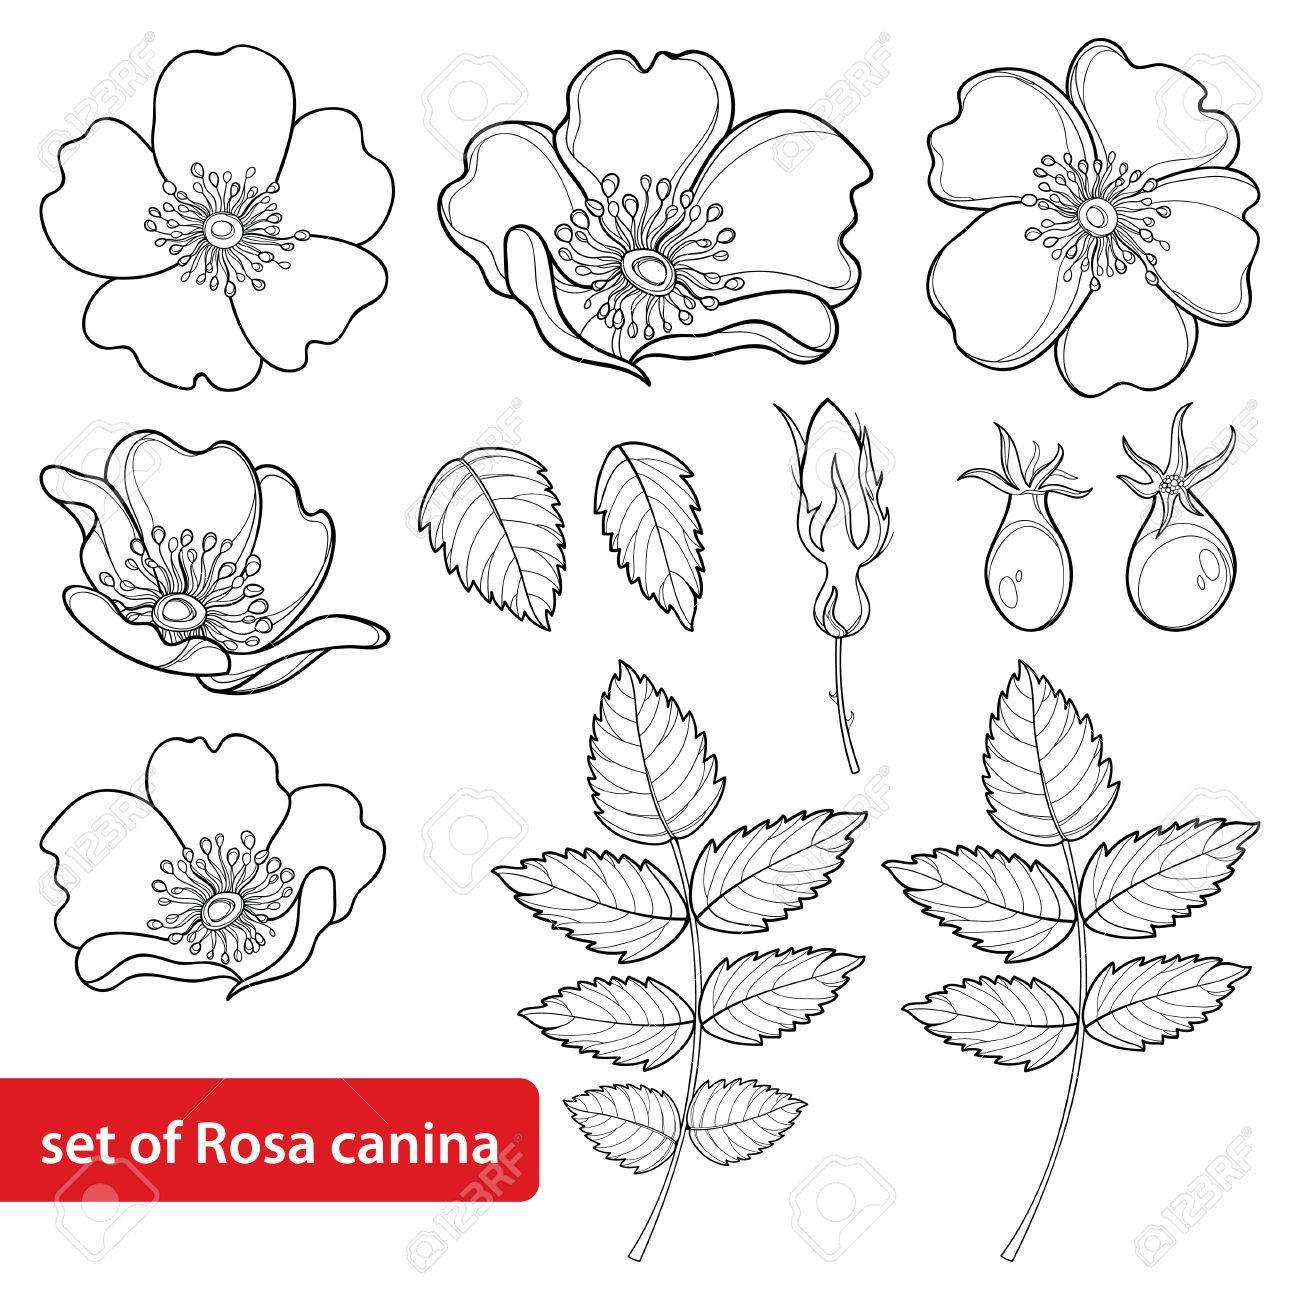 Dog Rose Drawing